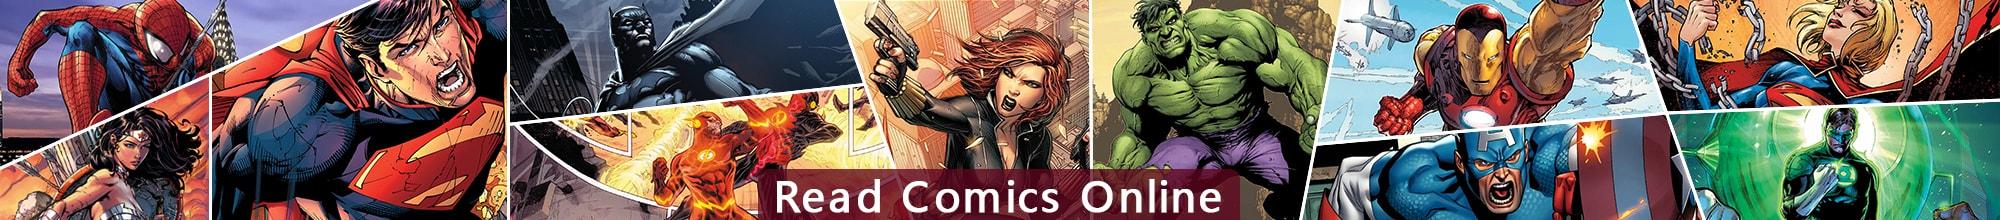 Read Comics Online | Home